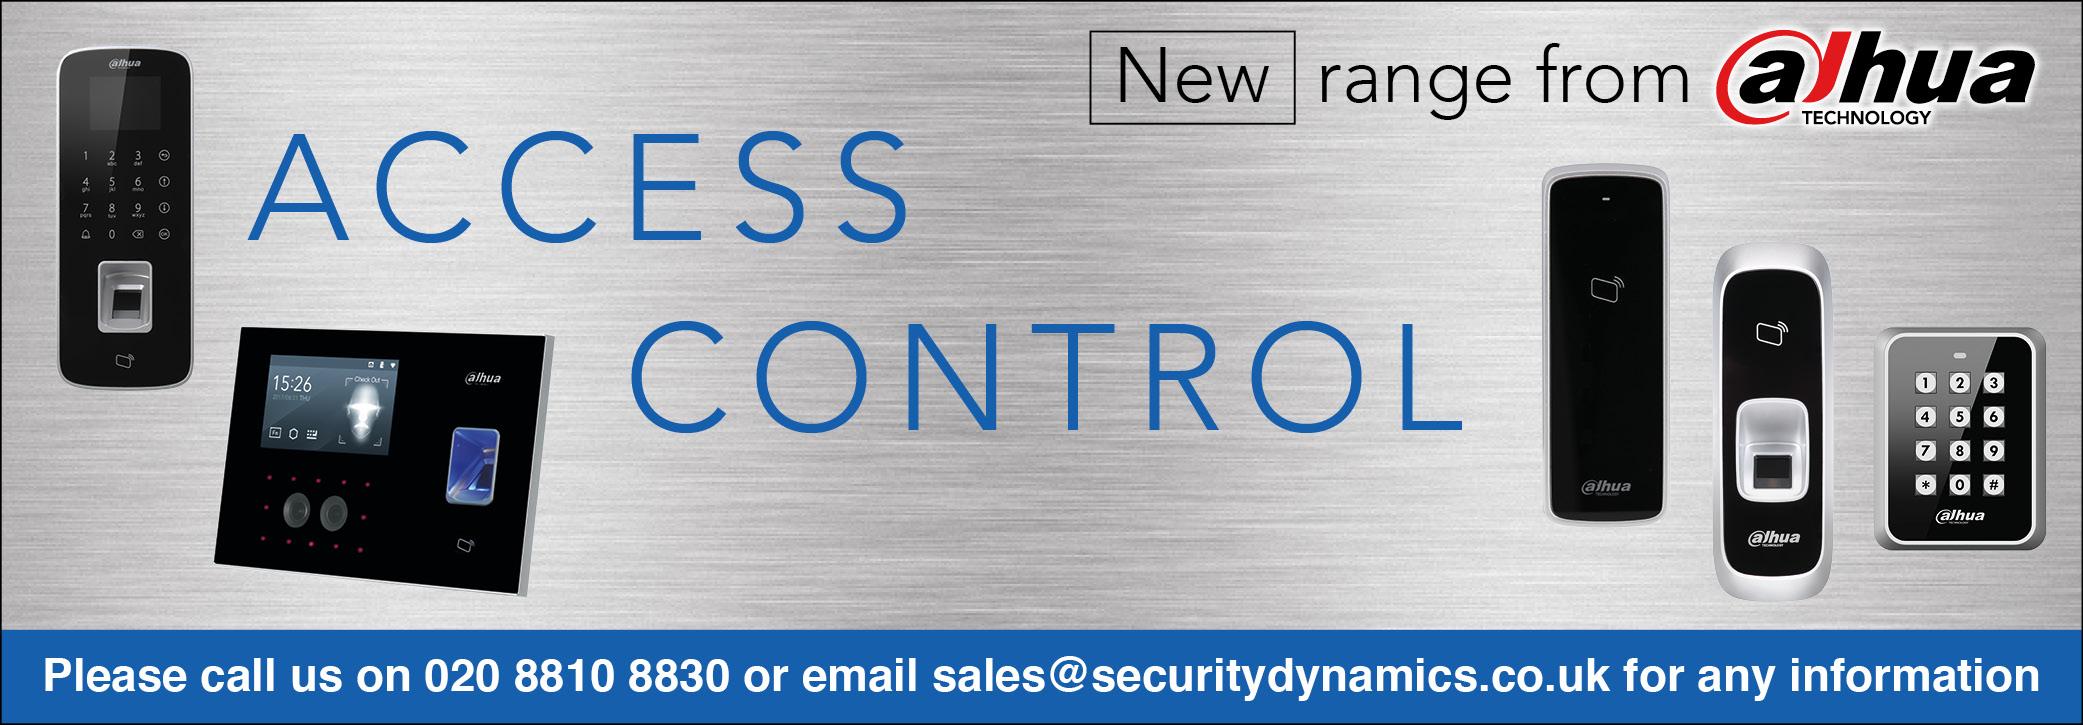 wysiwyg/AccessnControl2banner.jpg